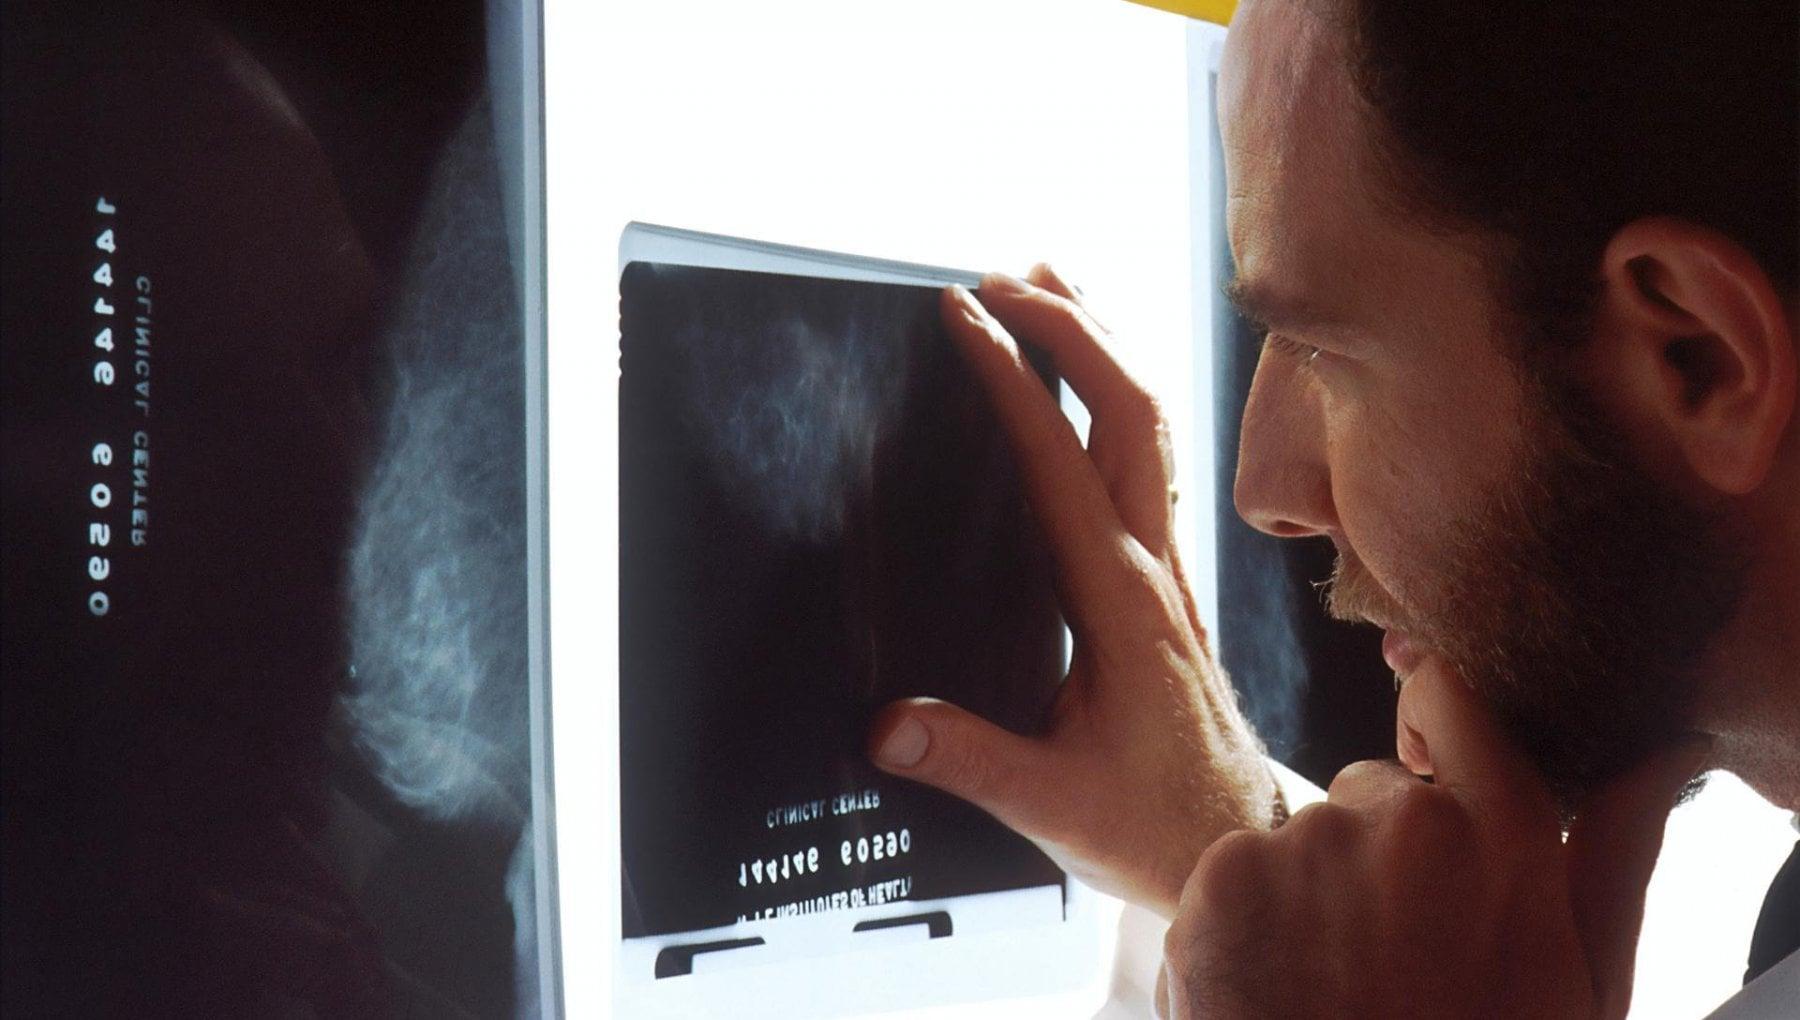 Salute seno cosi Covid ha nascosto 2000 tumori. E ritardato le cure